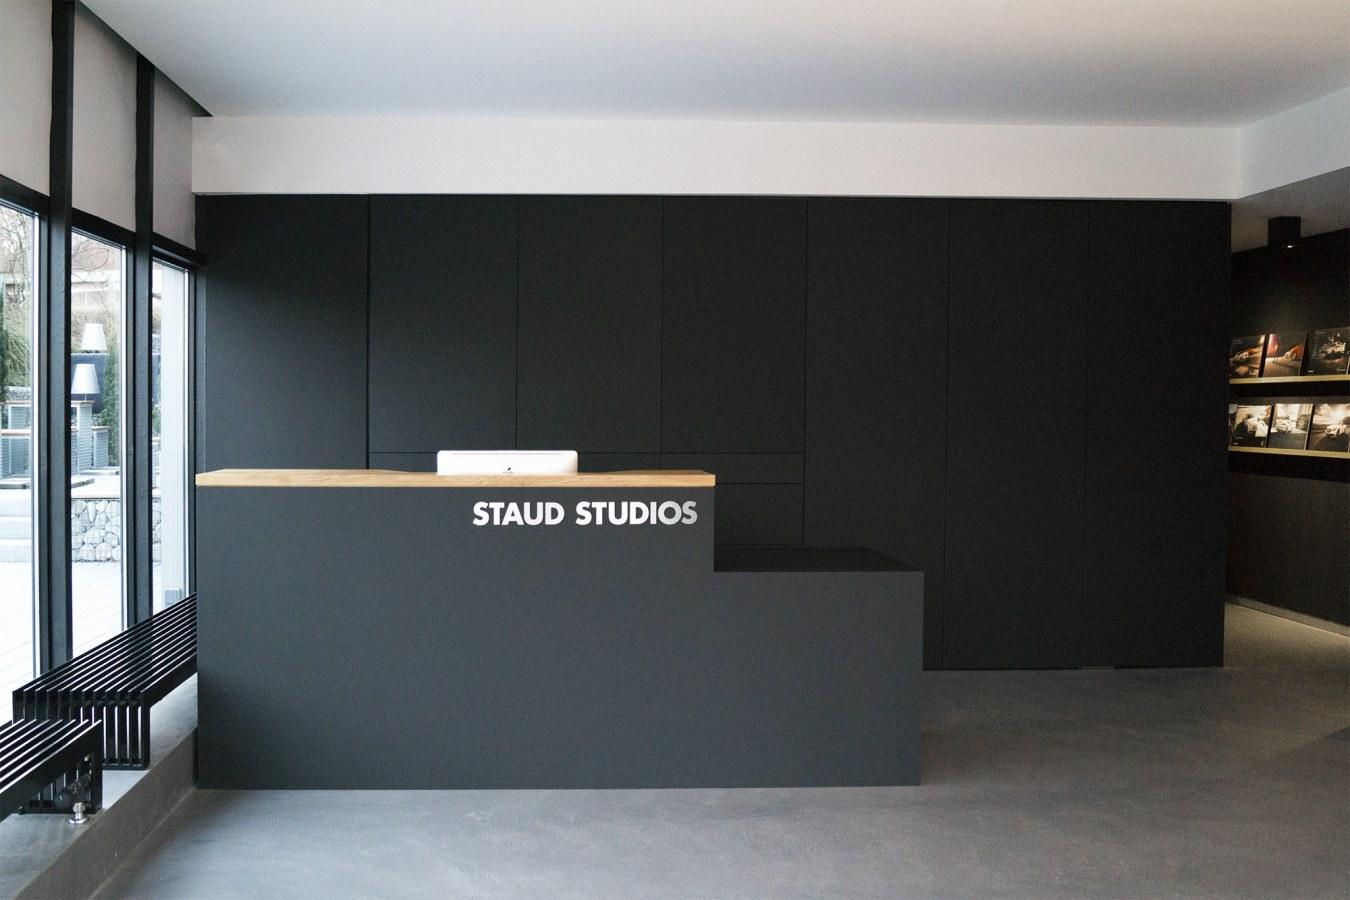 Isabell-Ehring-Innenarchitektur-Stuttgart---Umbau-Buero-STAUD-STUDIOS-8.jpg